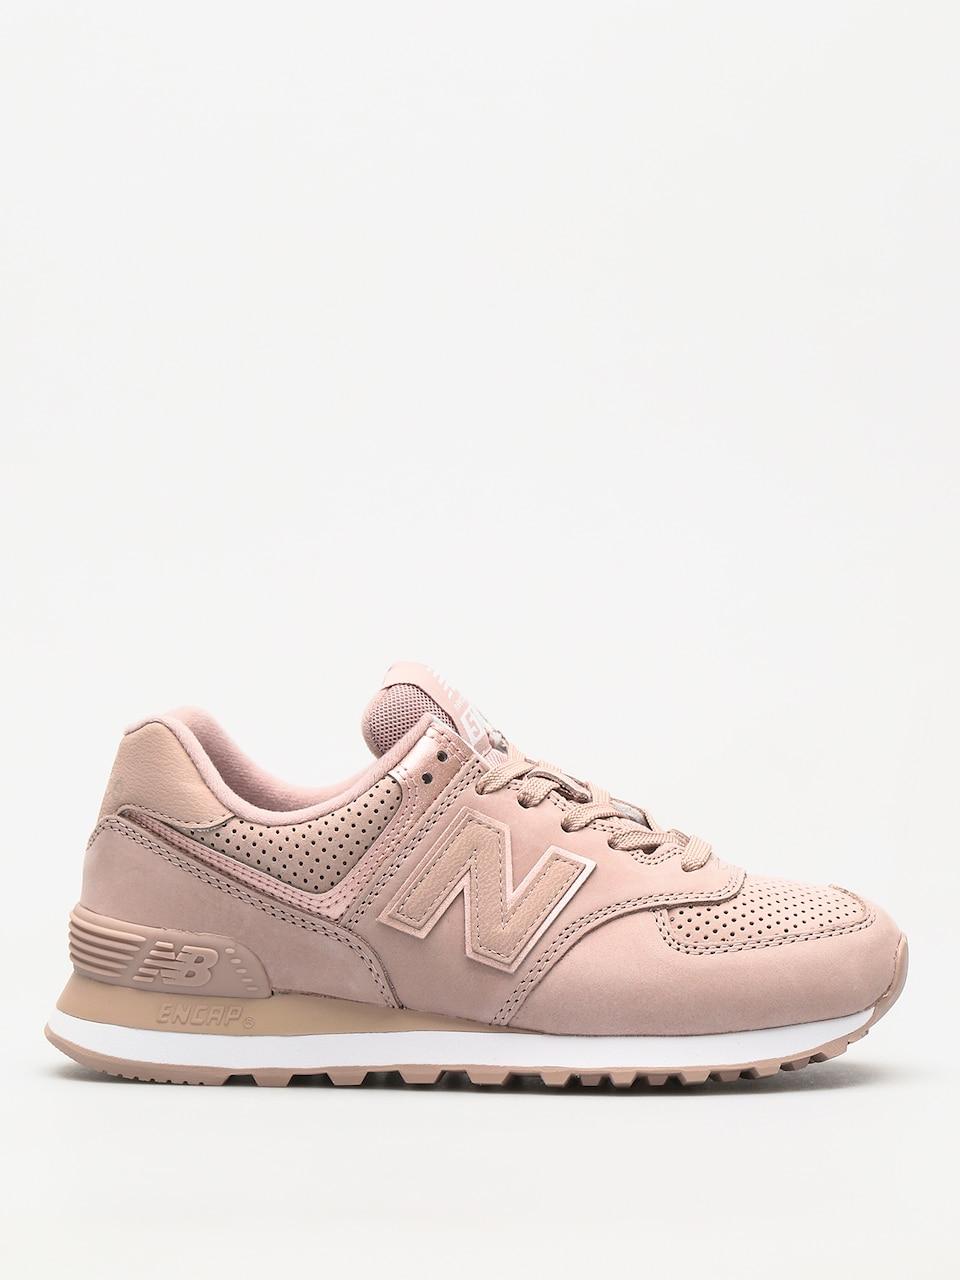 New Balance Shoes 574 Wmn (au lait)